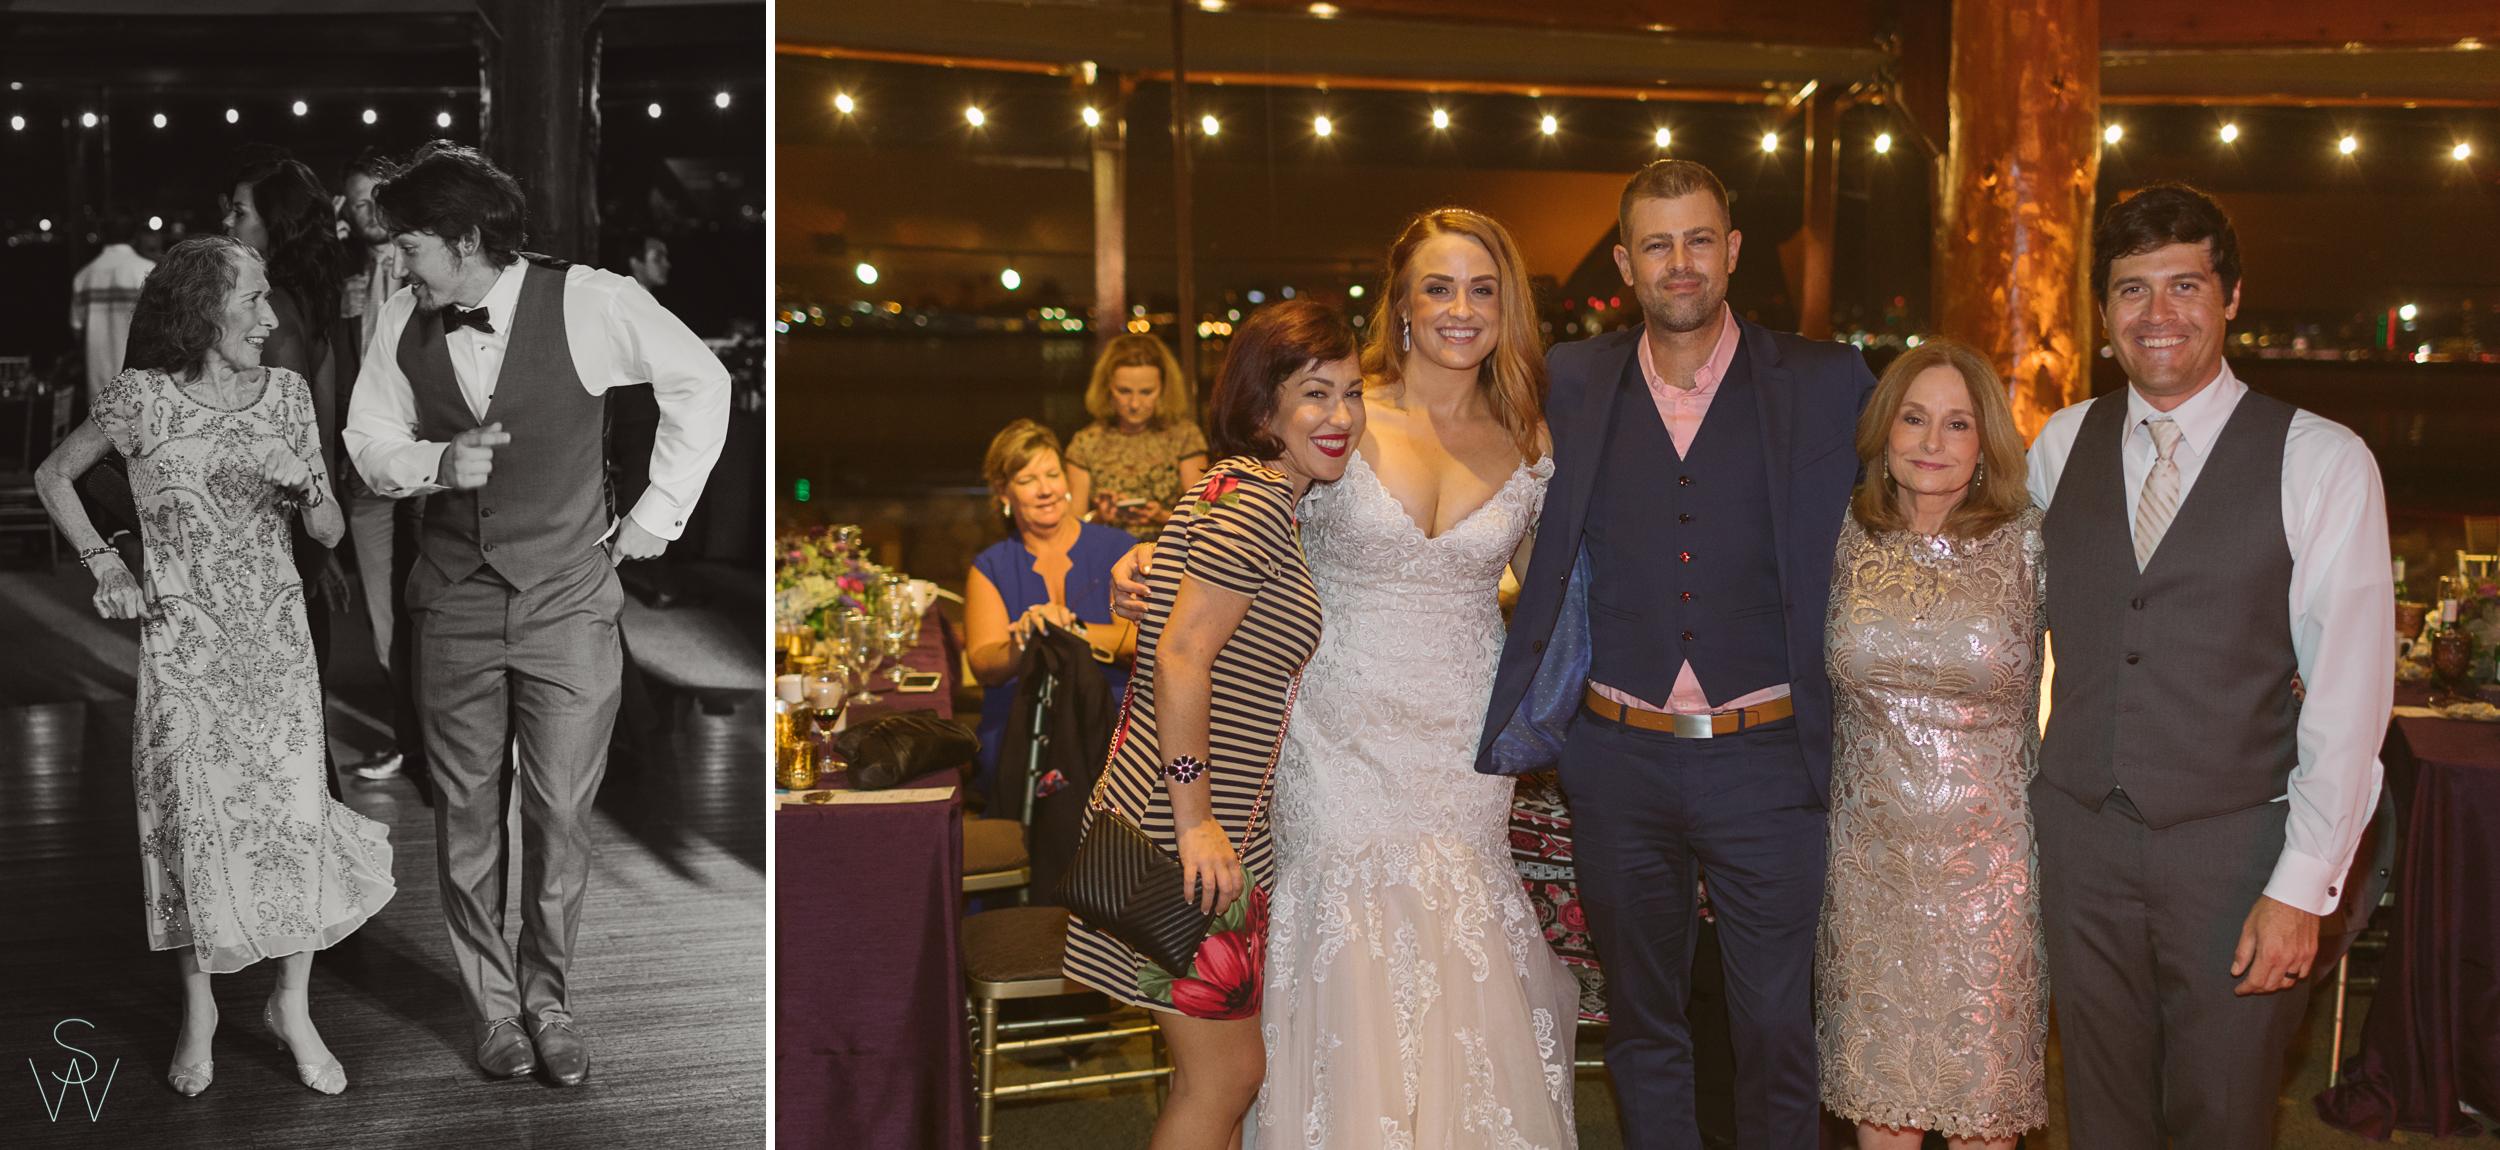 208San.diego.wedding.shewanders.photography.JPG